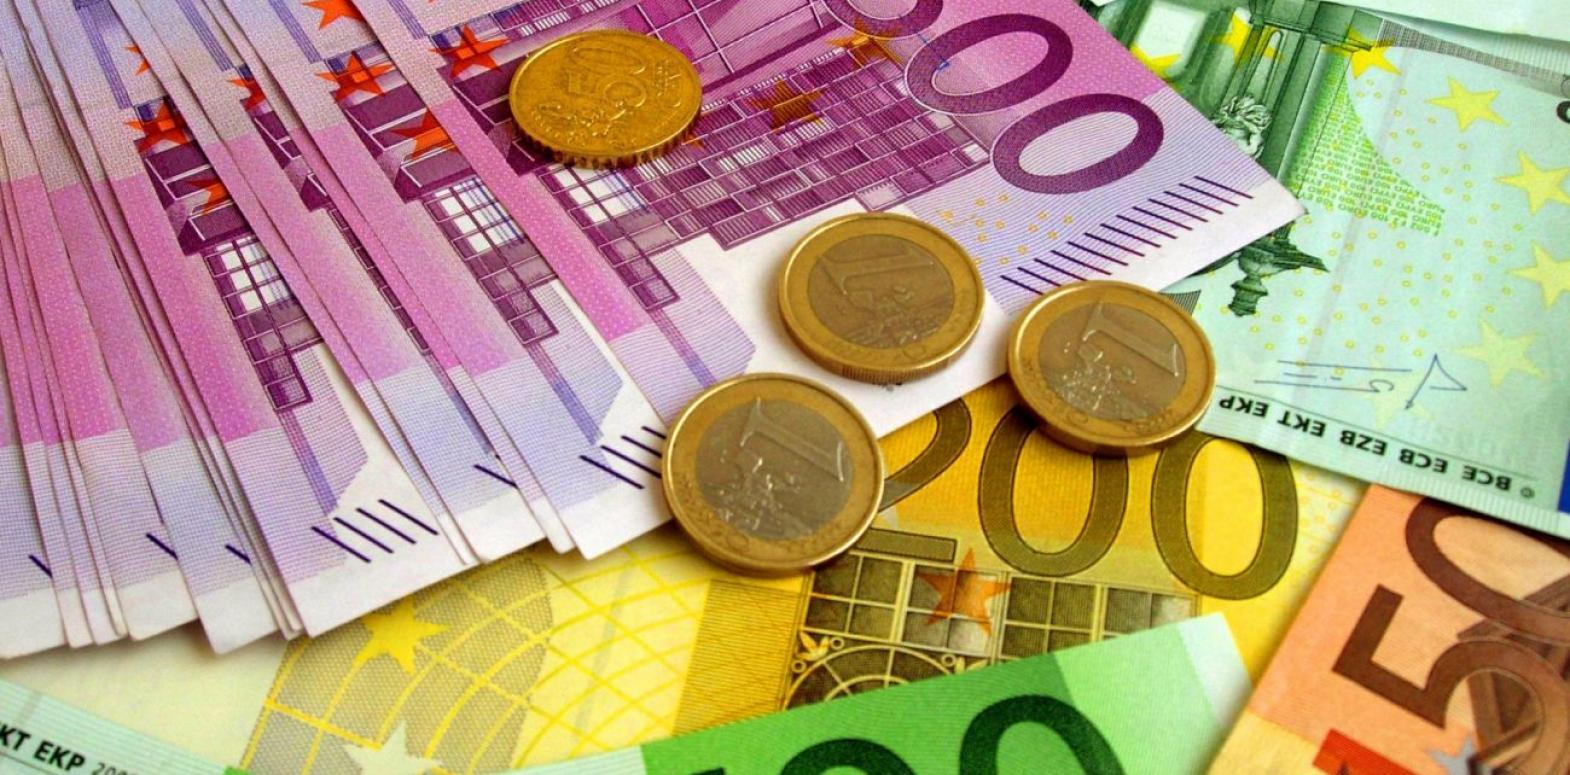 НБУ поднял официальный курс евро до максимума с февраля 2018 года